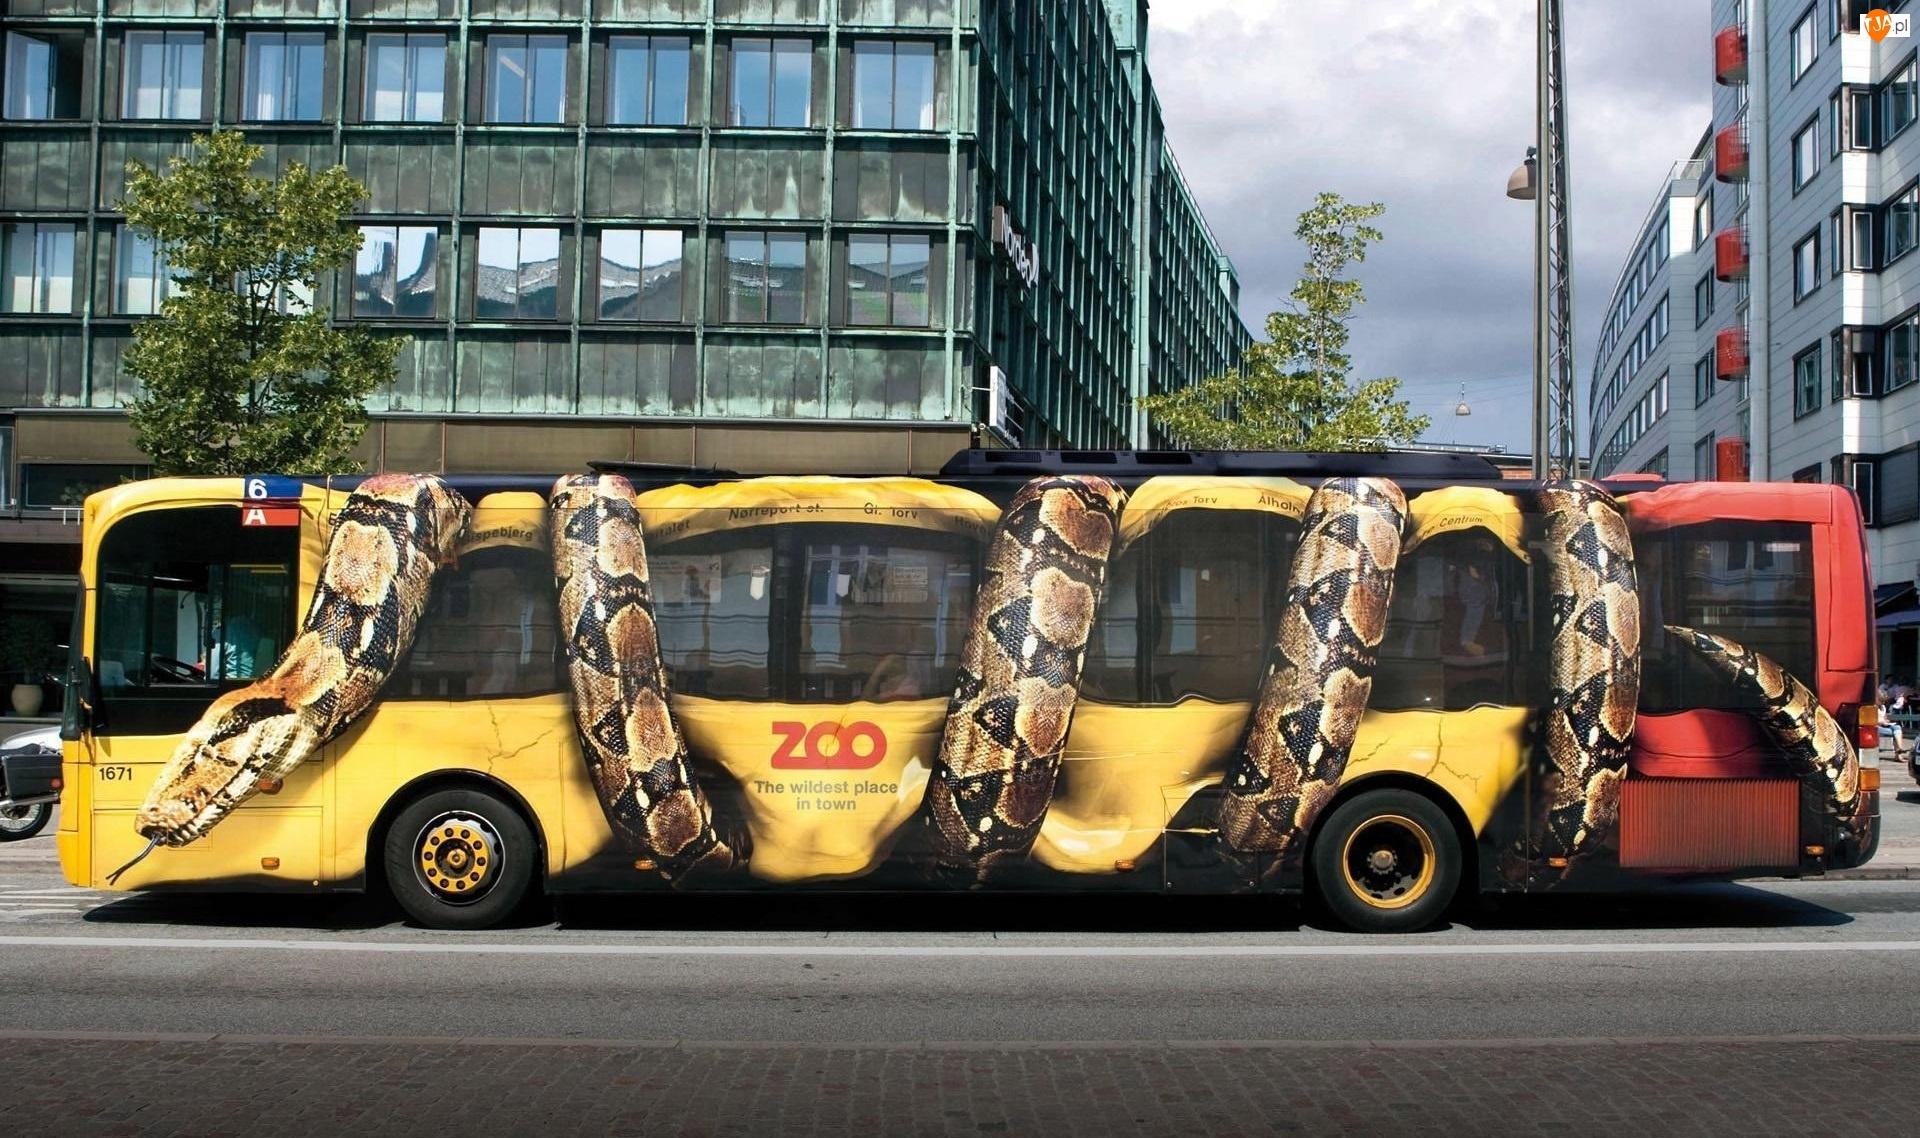 Autobus, Wąż, Ulica, Drzewa